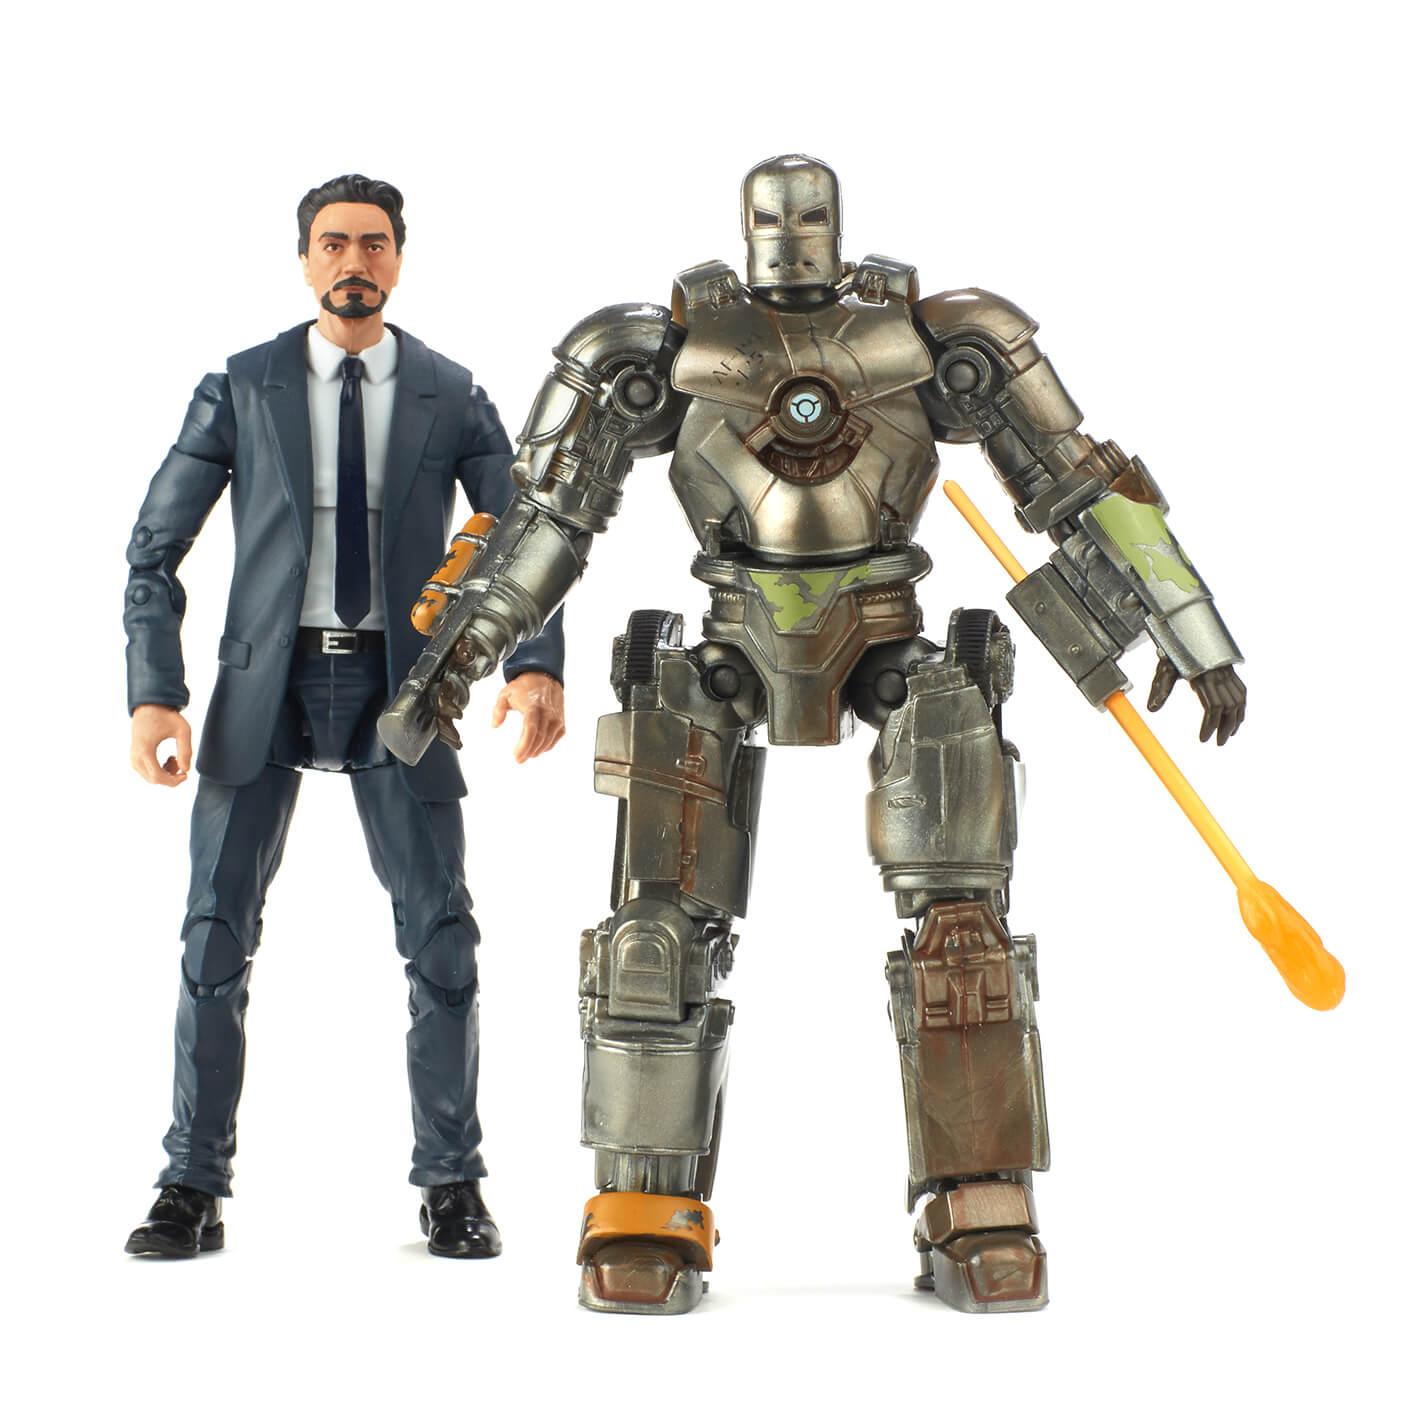 Hasbro 2018 MCU Tony Stark and Iron Man Mark 1 2 pack